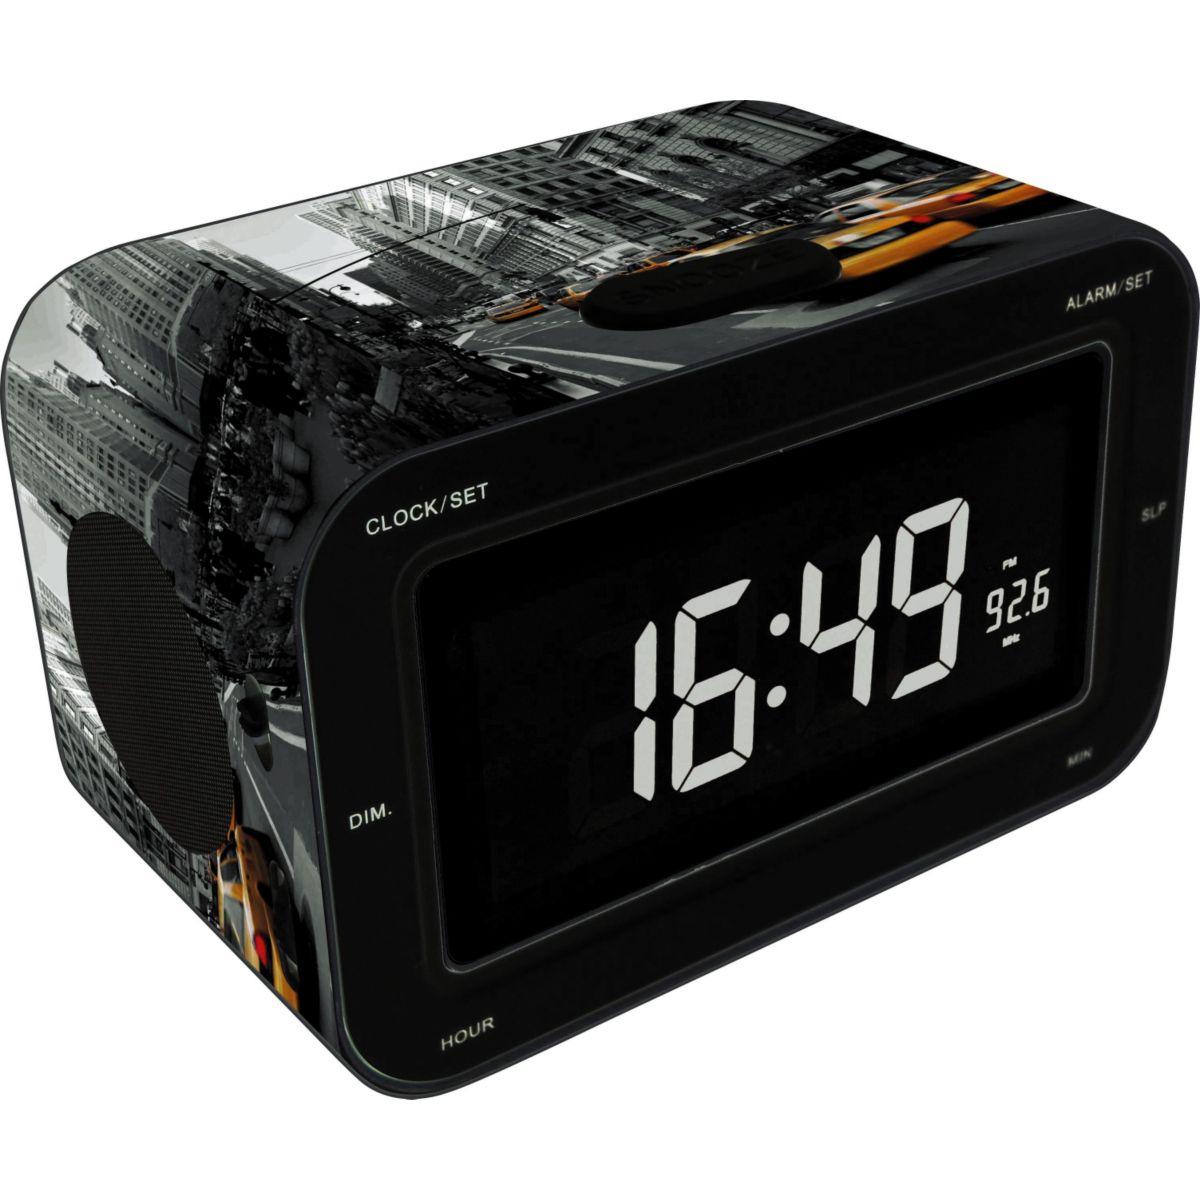 Radio-réveil bigben rr30ny2 - 10% de remise immédiate avec le code : multi10 (photo)